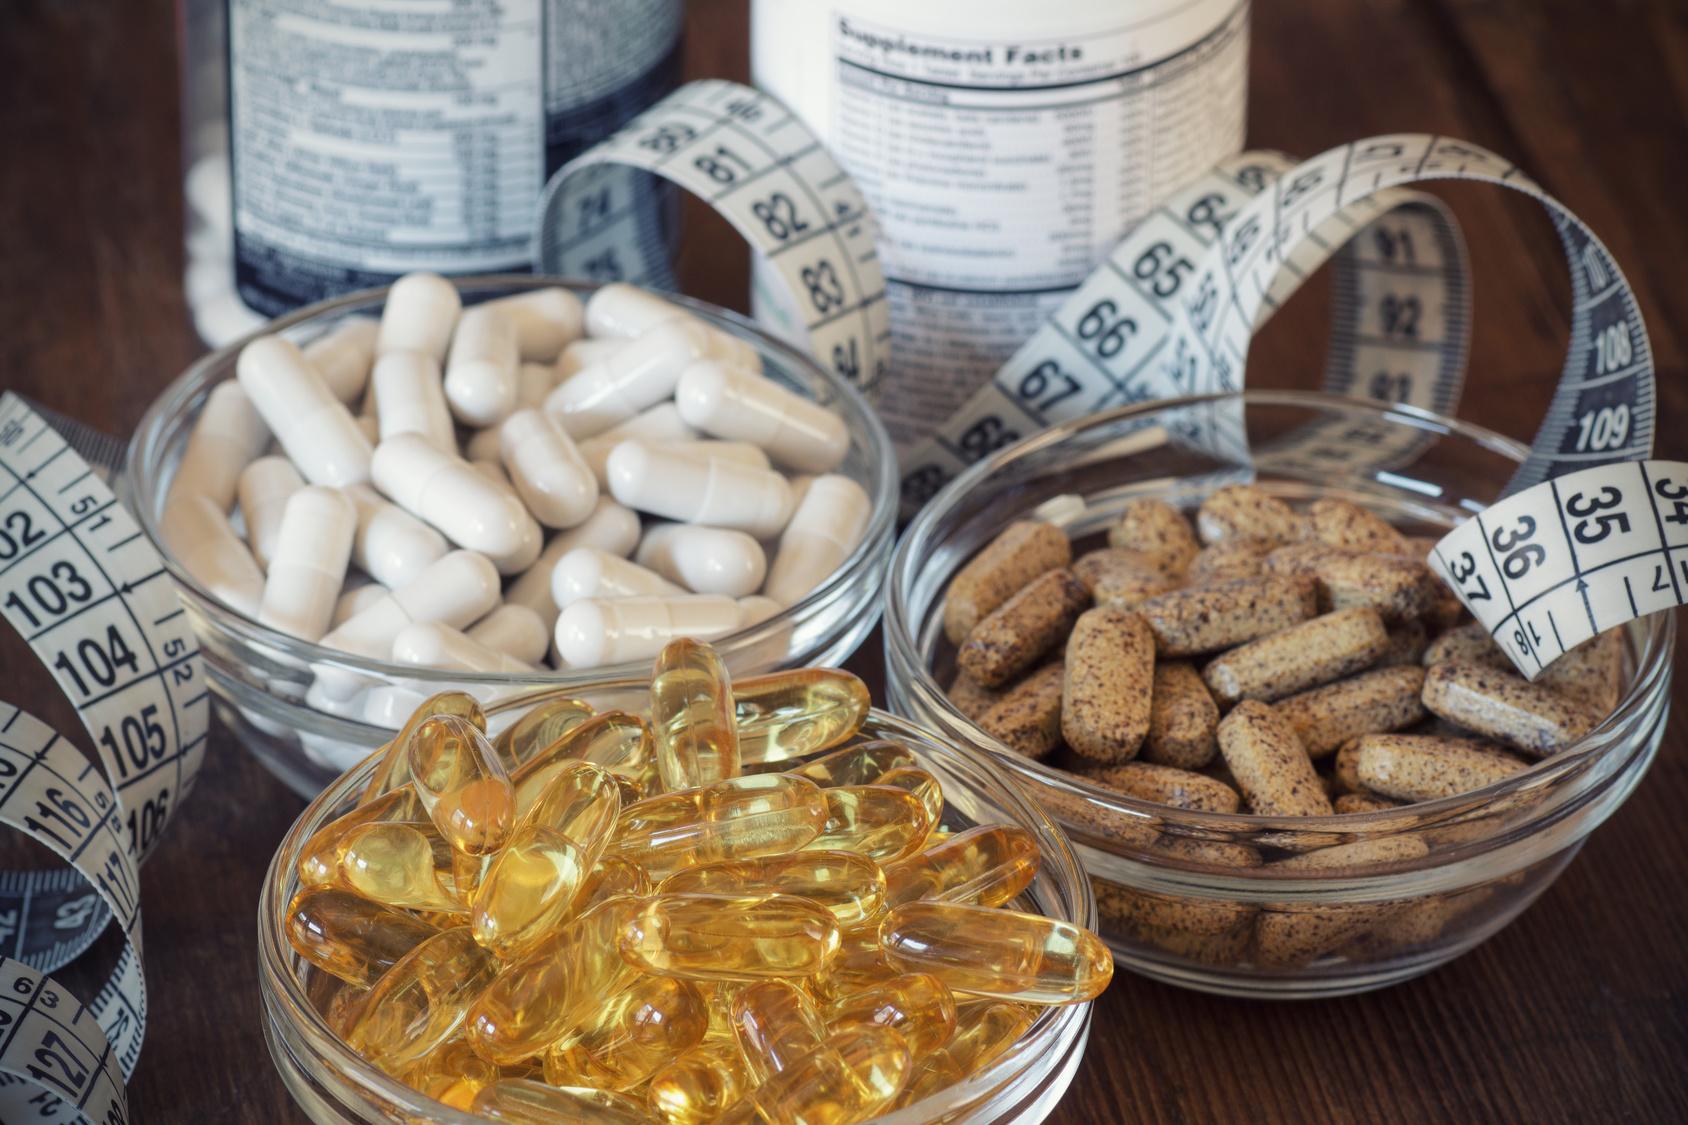 Herbalife integratori